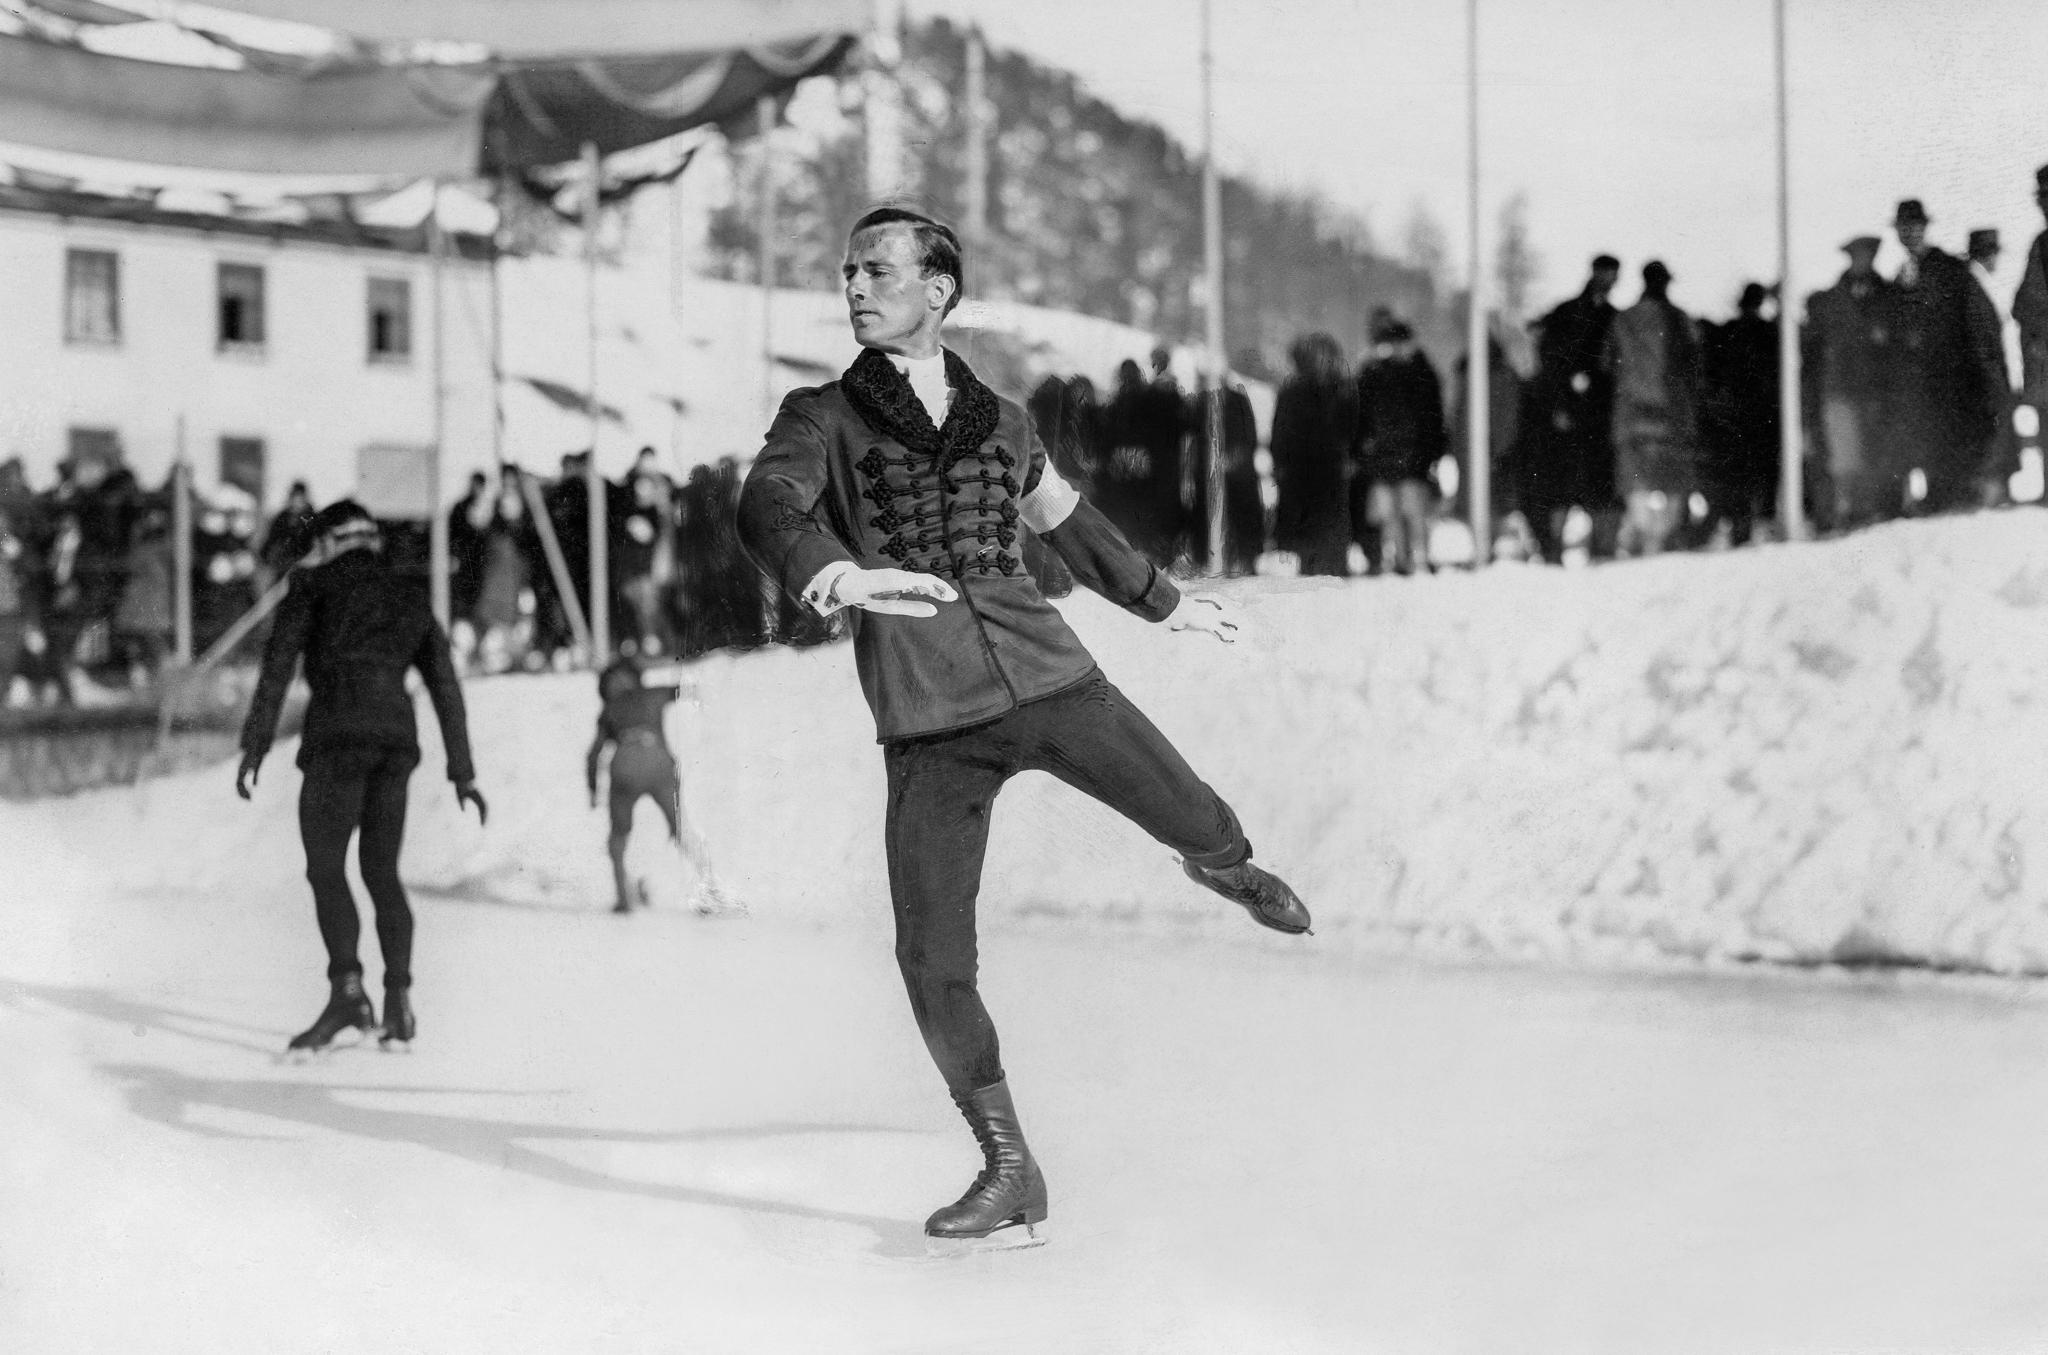 Male ice skater in 1928 (© Gerhard Riebicke/ullstein bild/Getty Images)